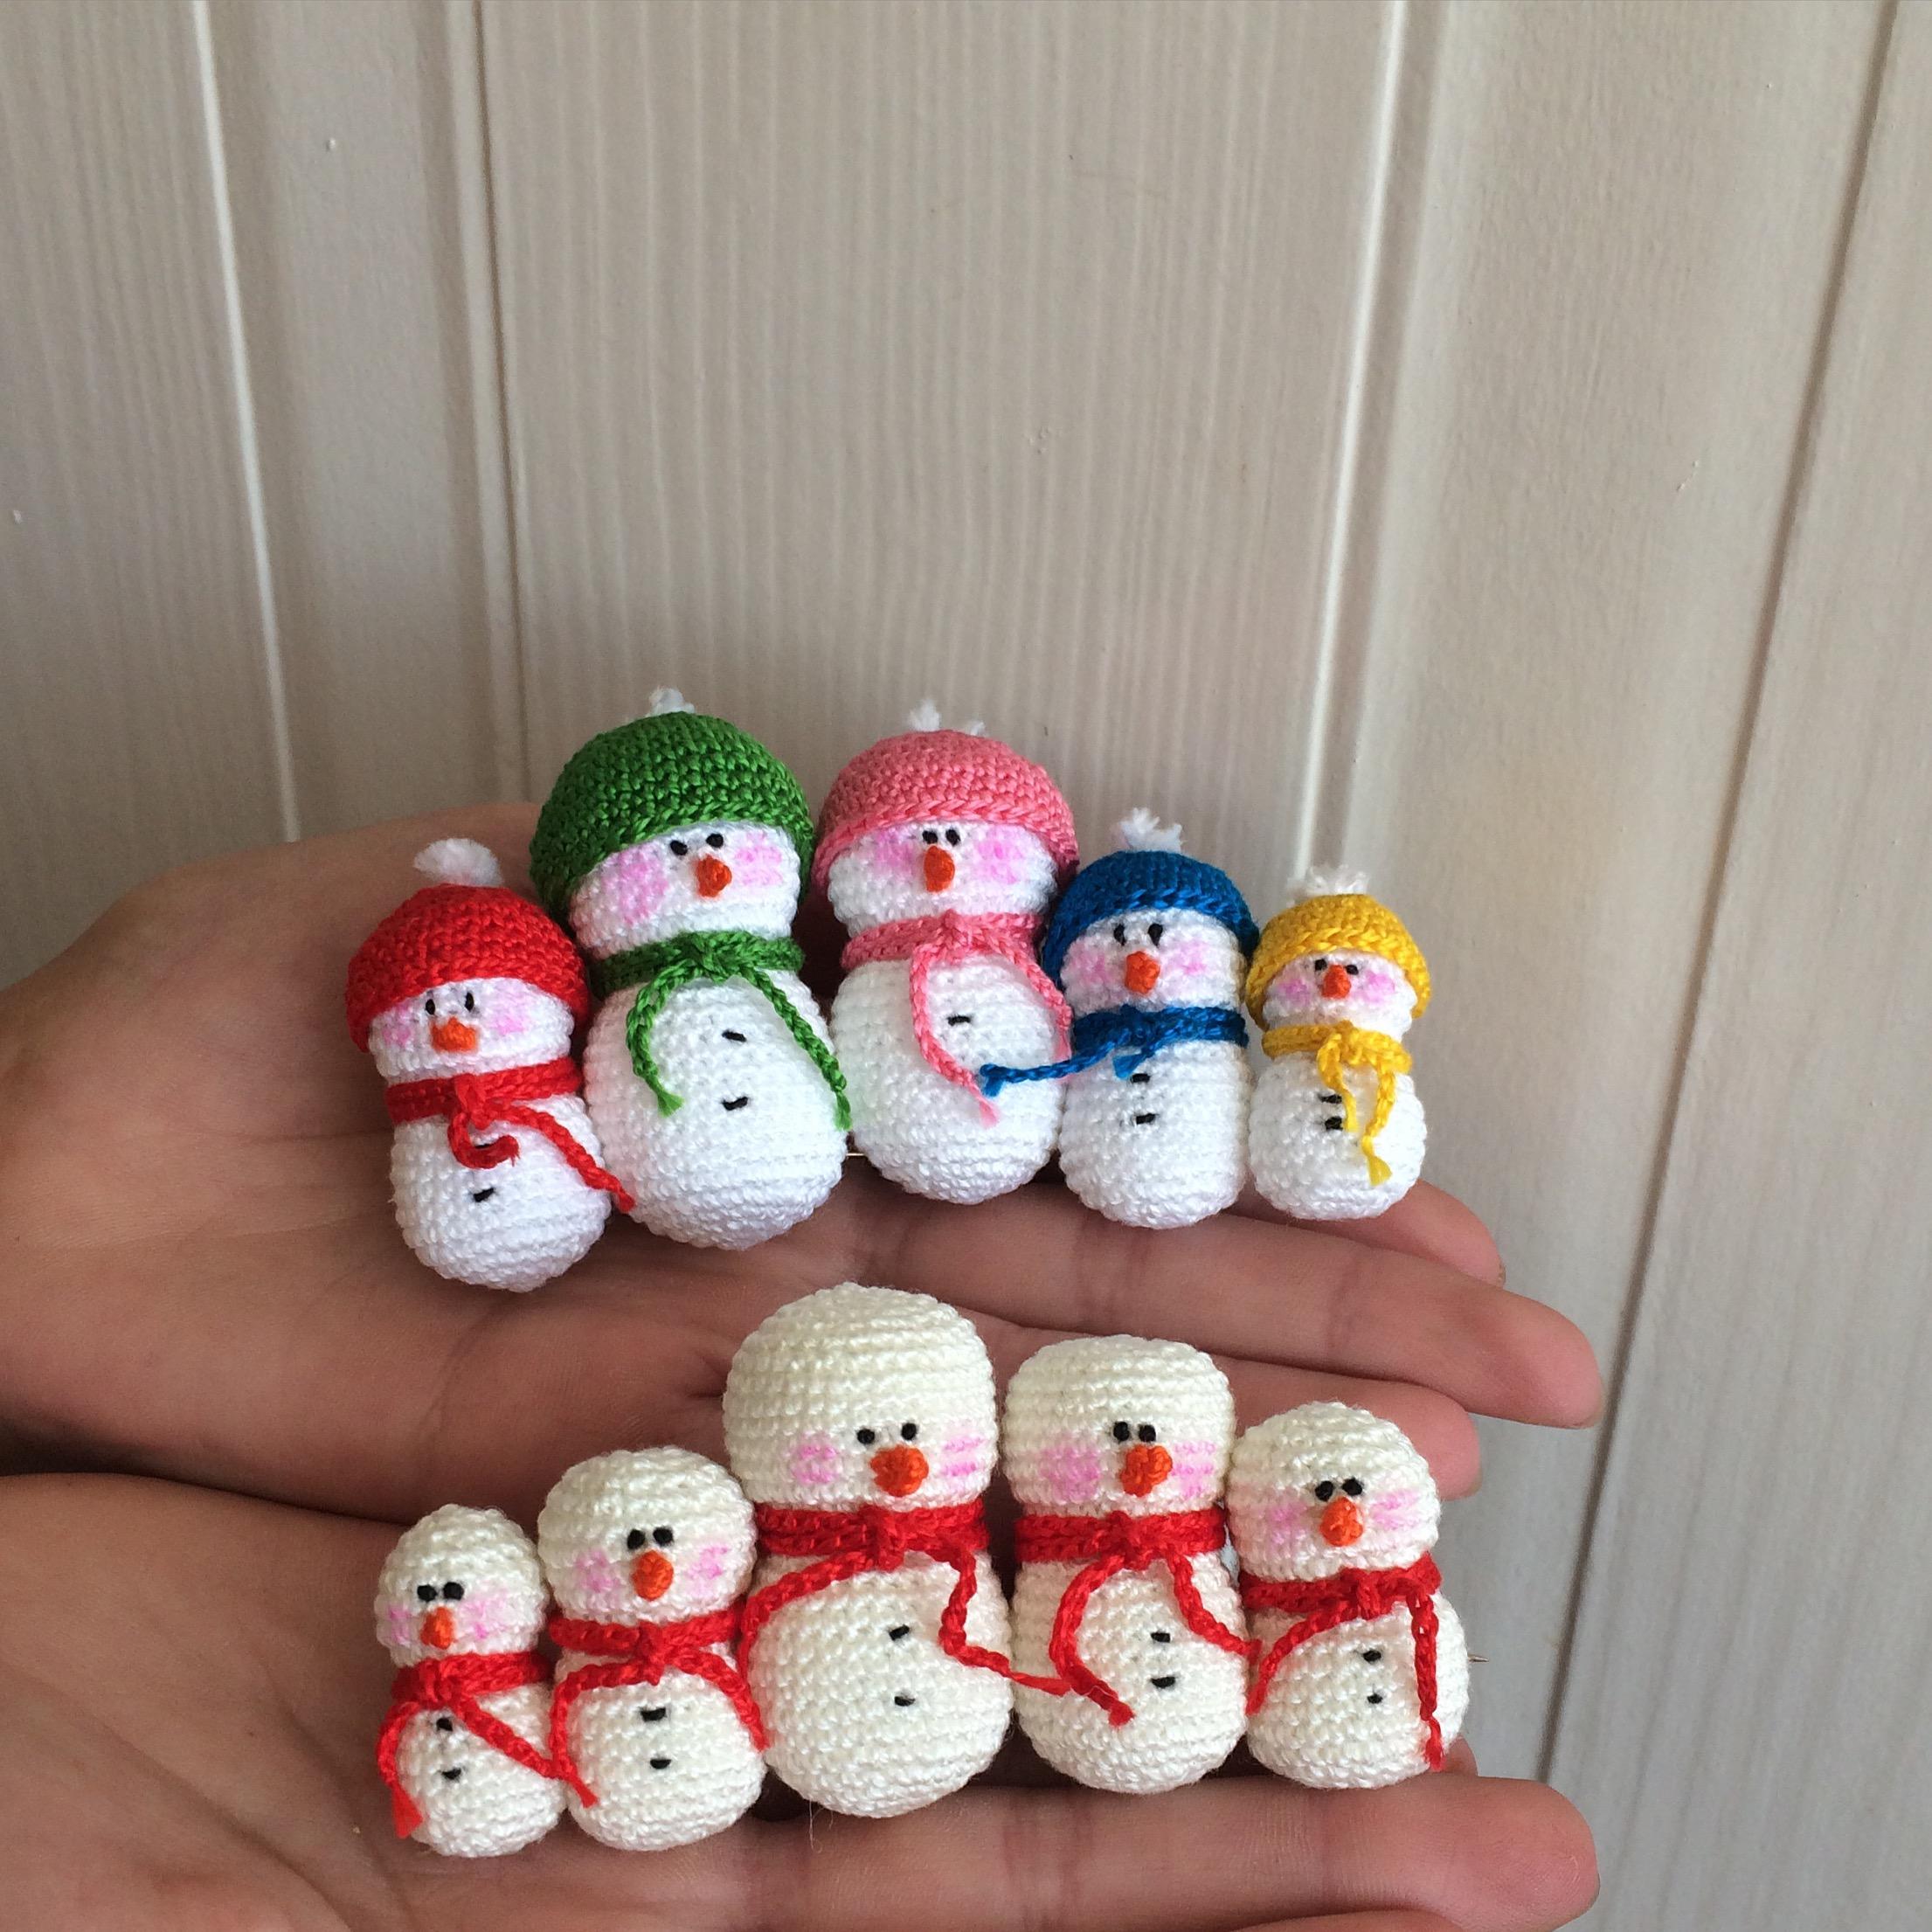 Christmas Ornaments - Snowman - DoubleTrebleTrinketsDoubleTrebleTrinkets